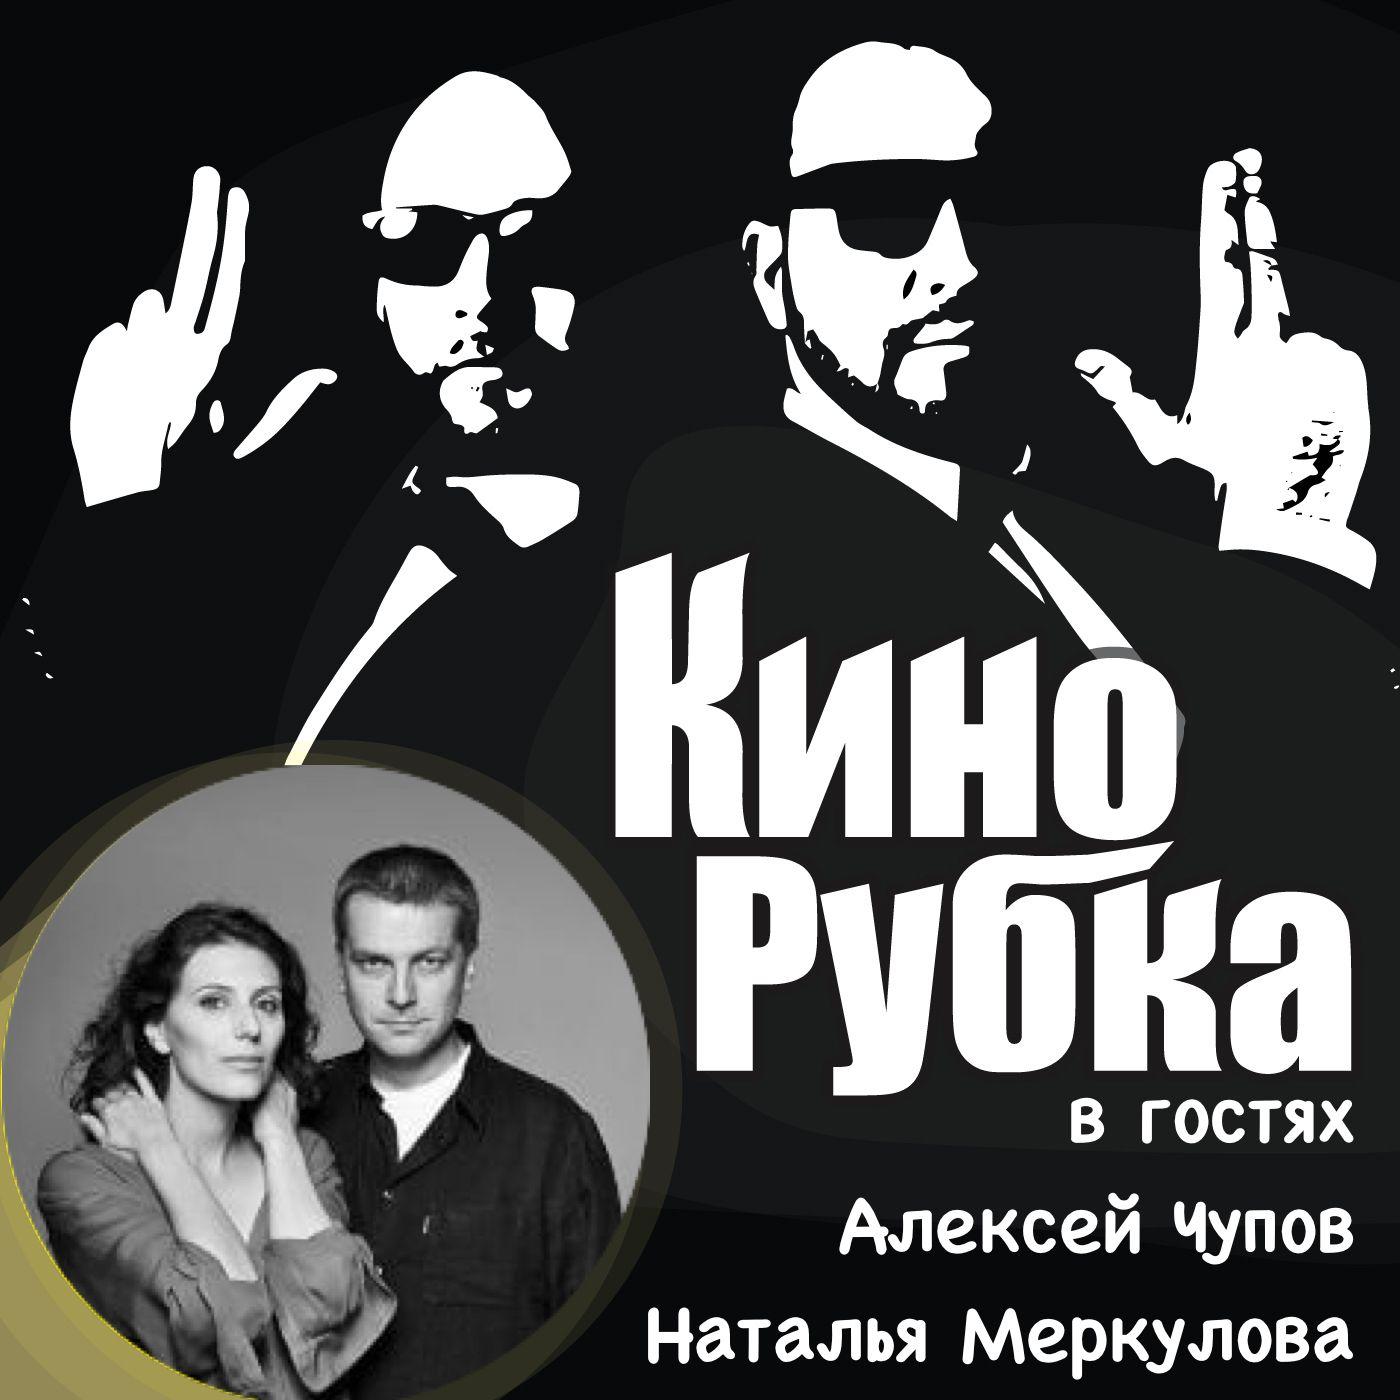 Режиссеры и сценаристы Наталья Меркулова и Алексей Чупов